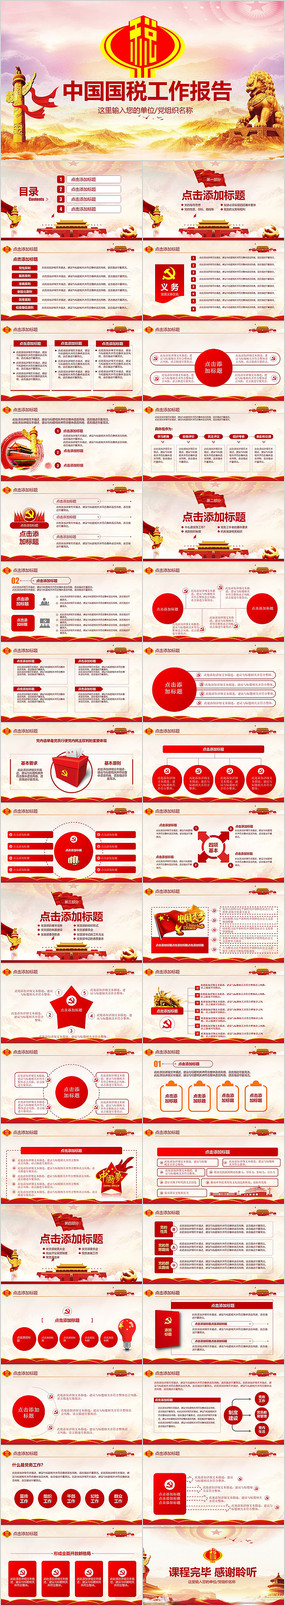 中国国税ppt模板